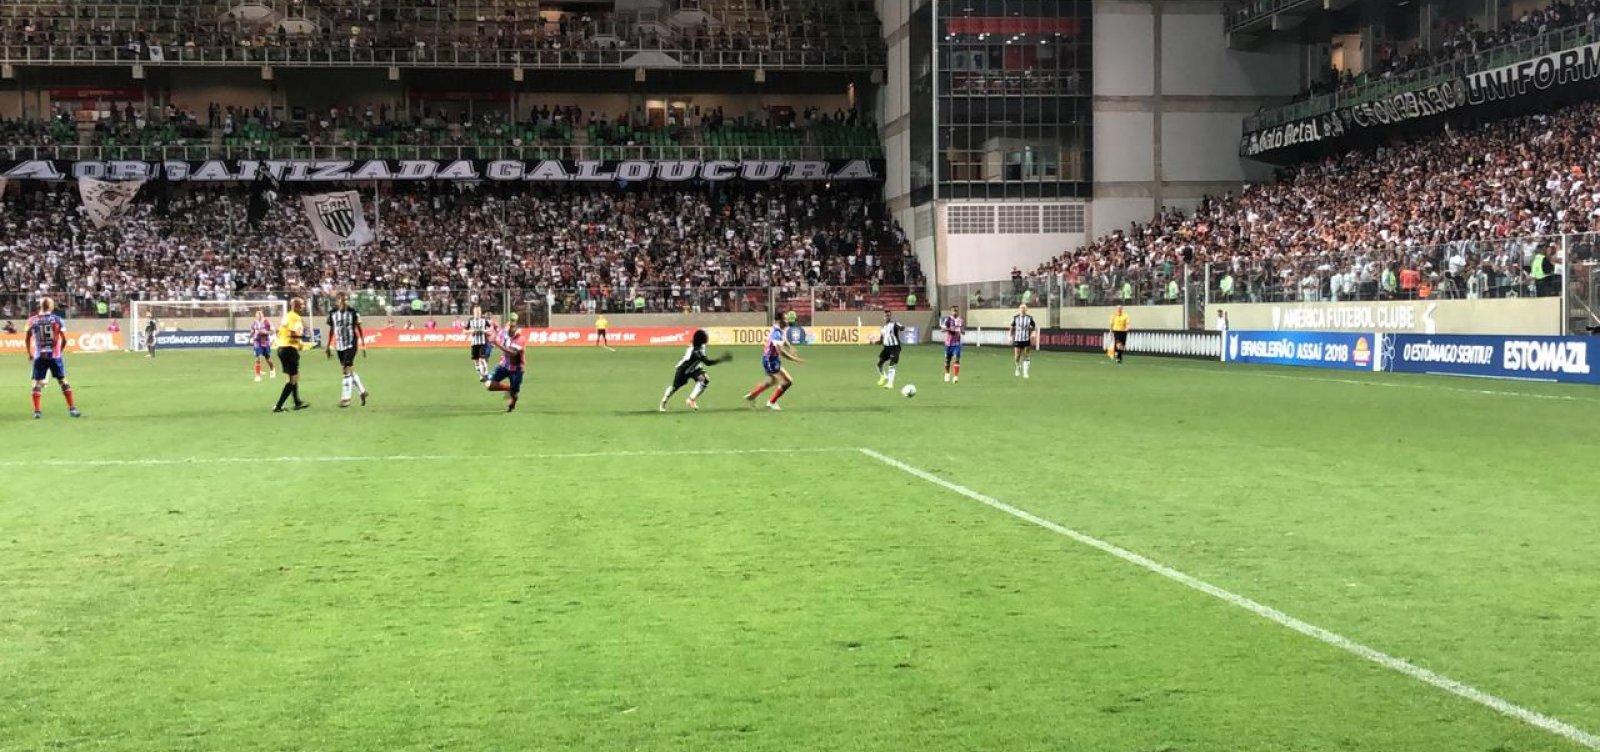 [Bahia perde por 1 a 0 para o Atlético-MG fora de casa]